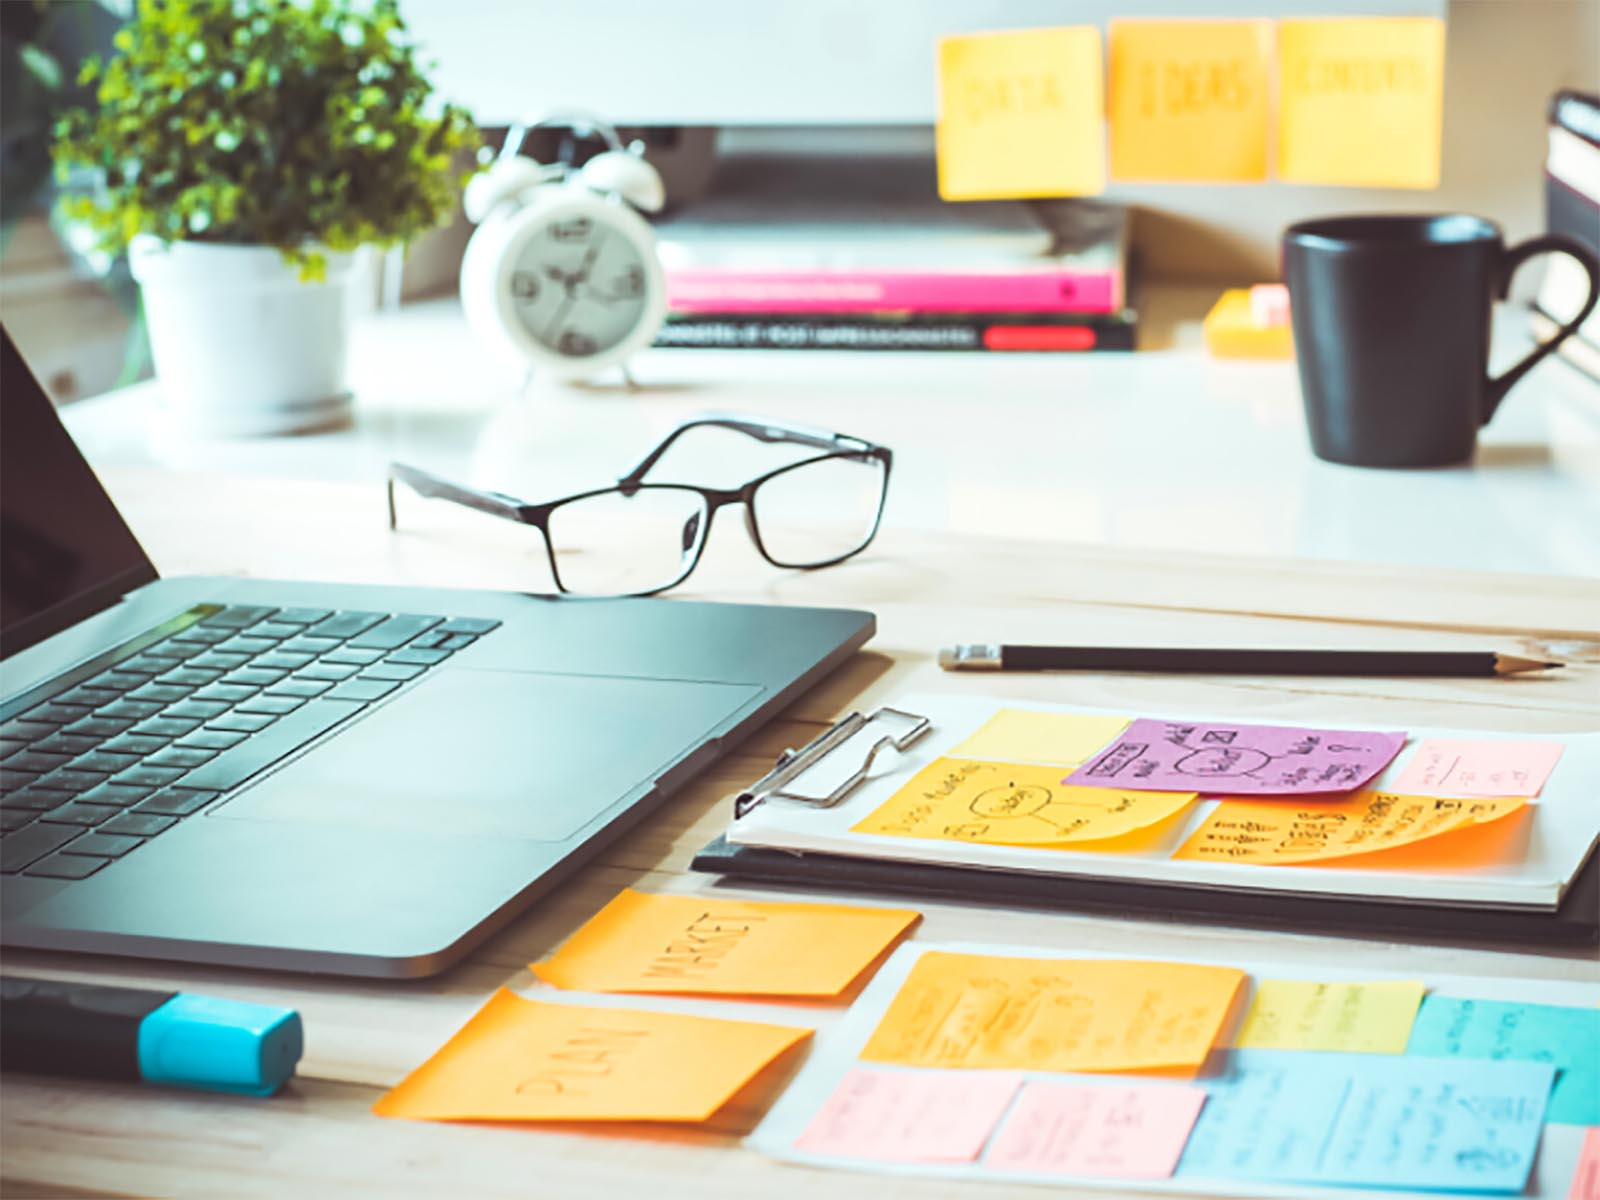 Бесплатный вебинар: Системный интернет-маркетинг для бизнеса: 6 шагов к росту продаж